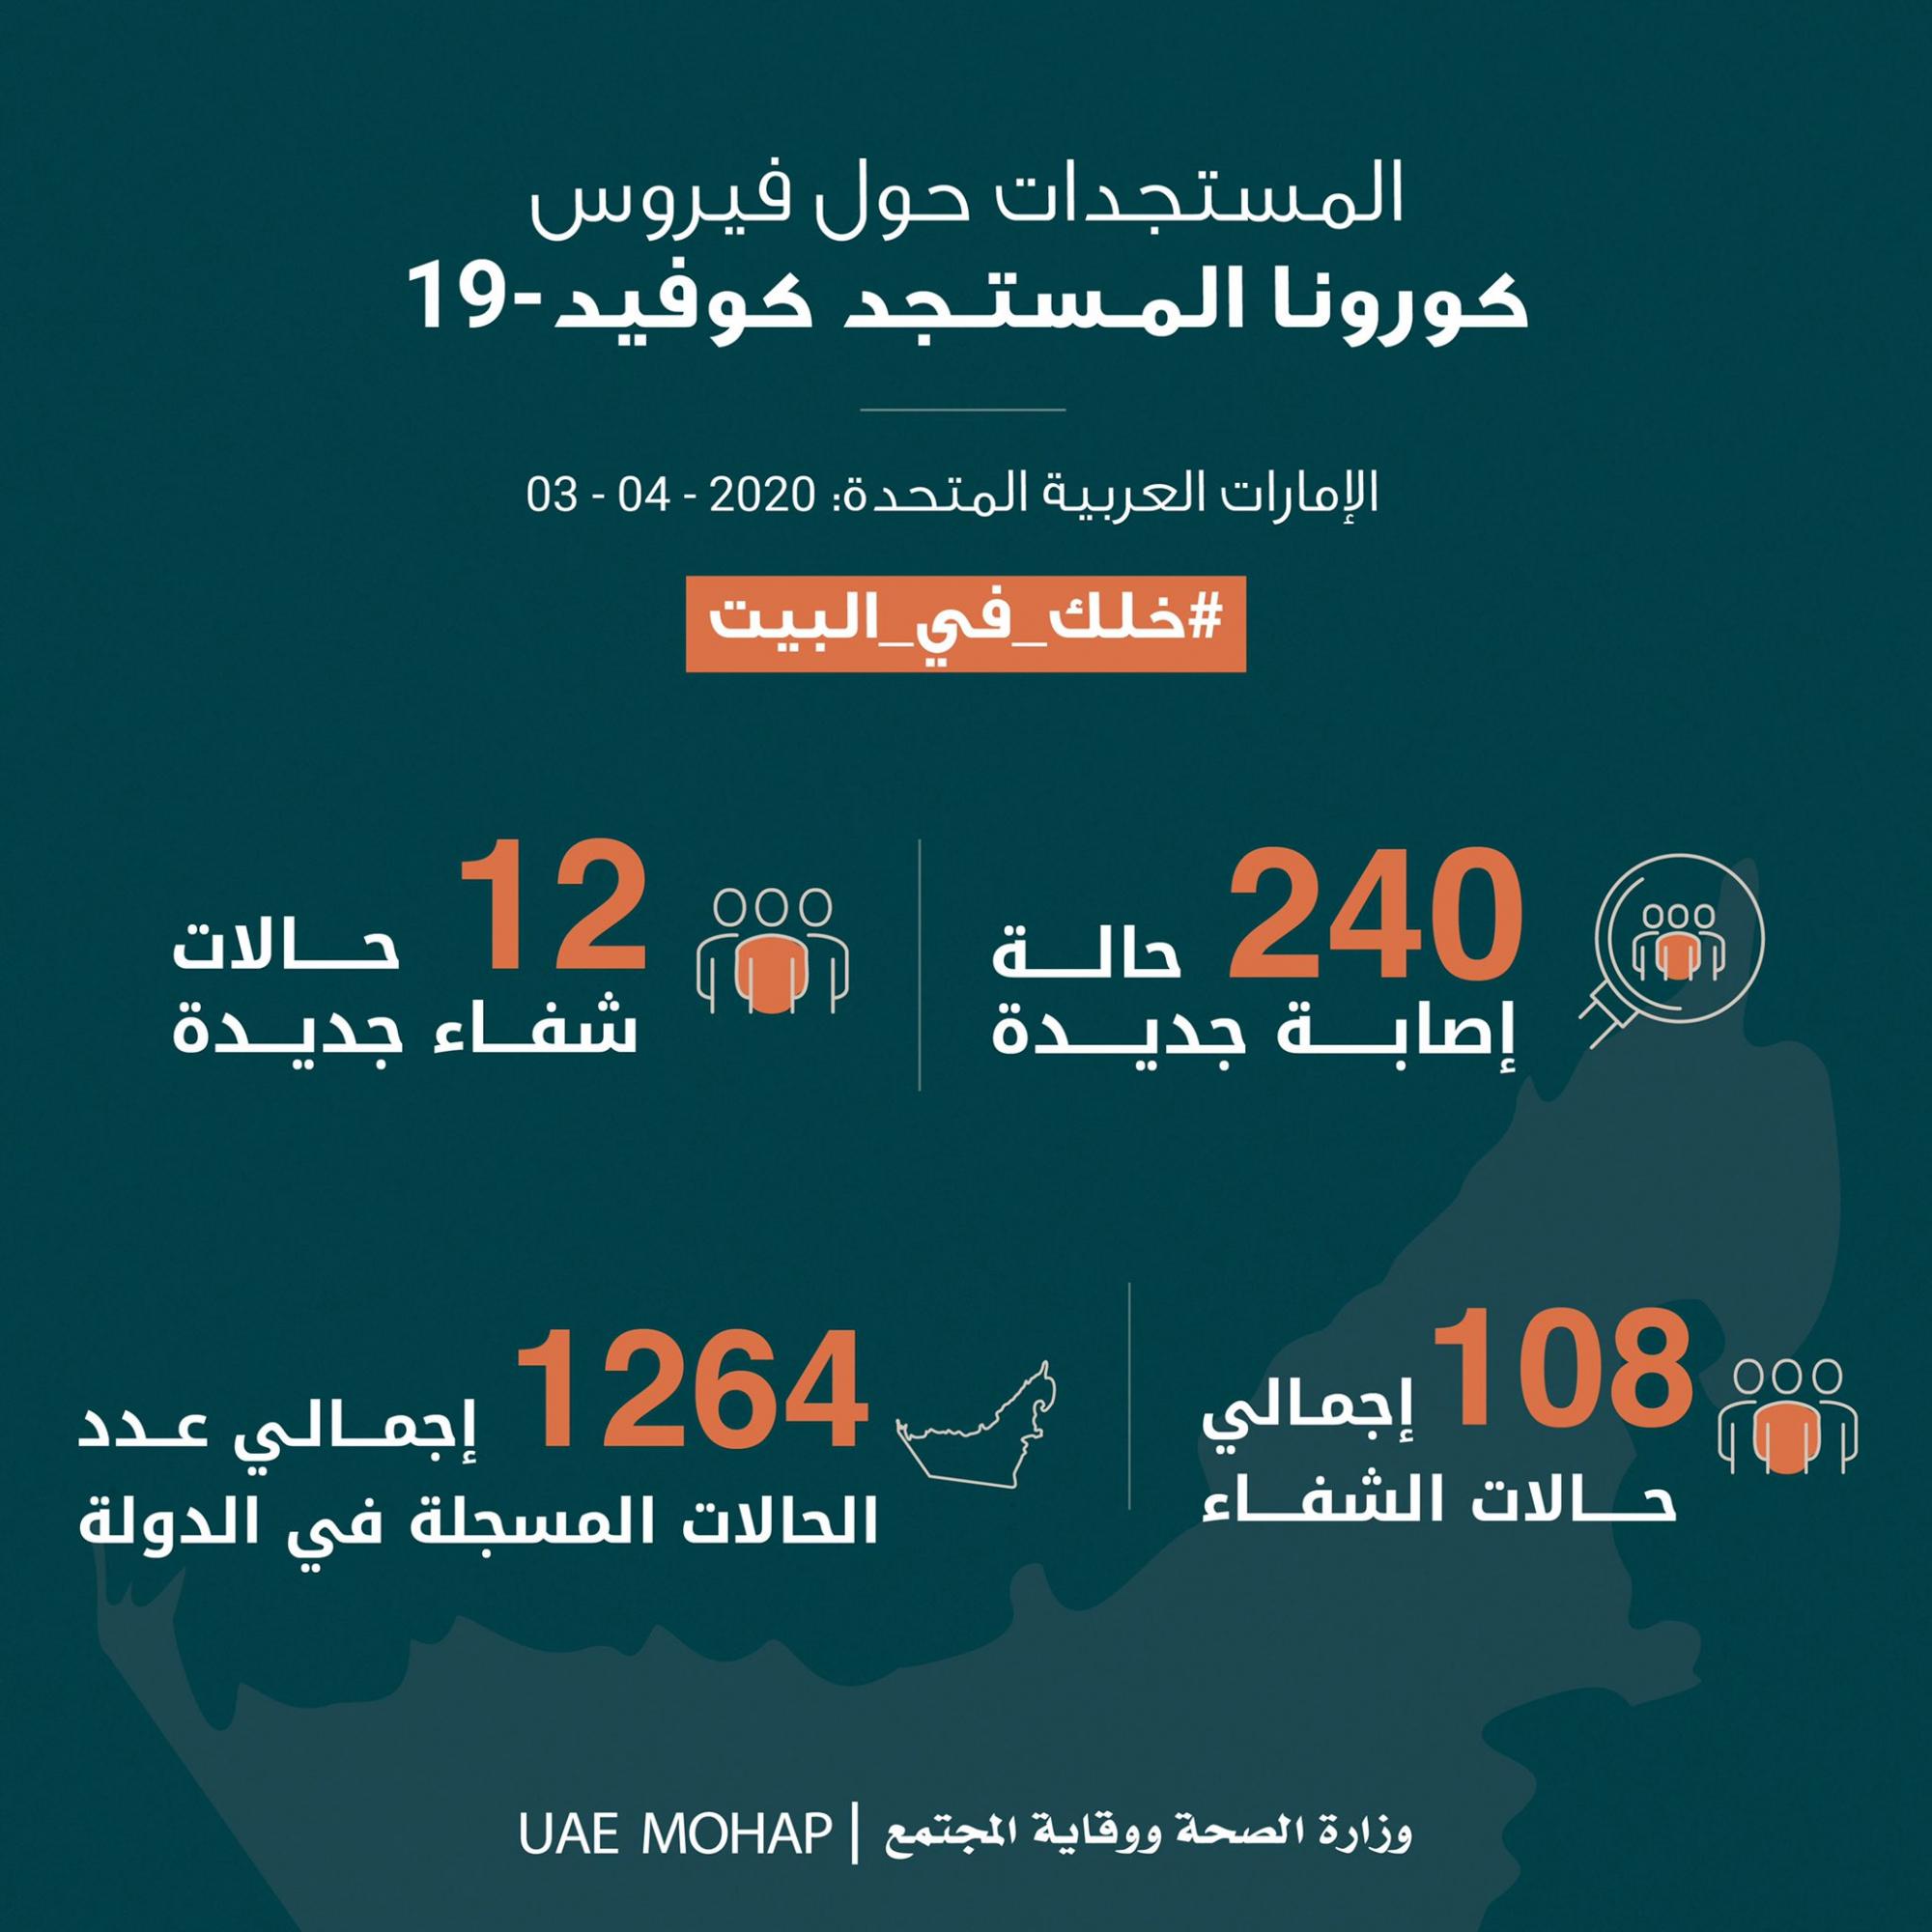 الإمارات تسجل 241 حالة إصابة جديدة بفيروس كورونا المستجد   أريبيان بزنس